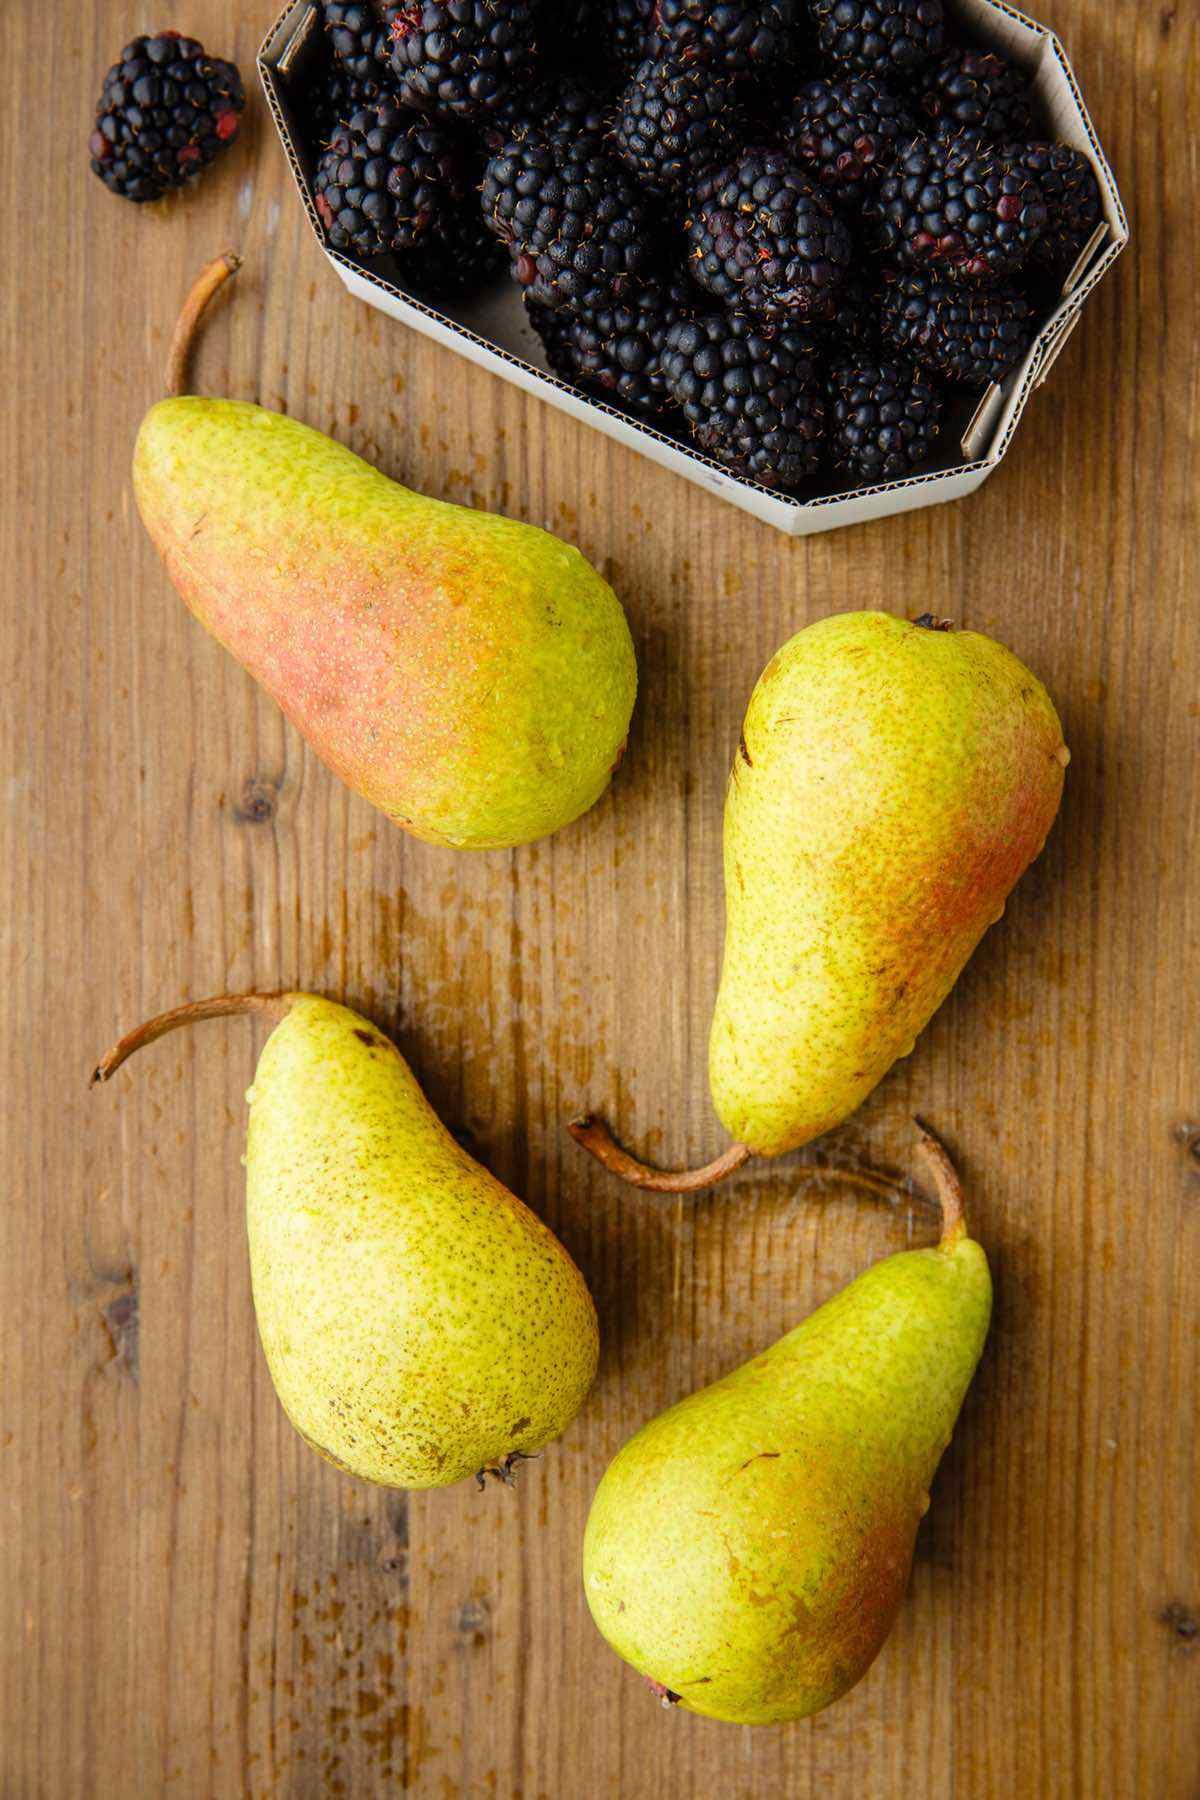 pears blackberries